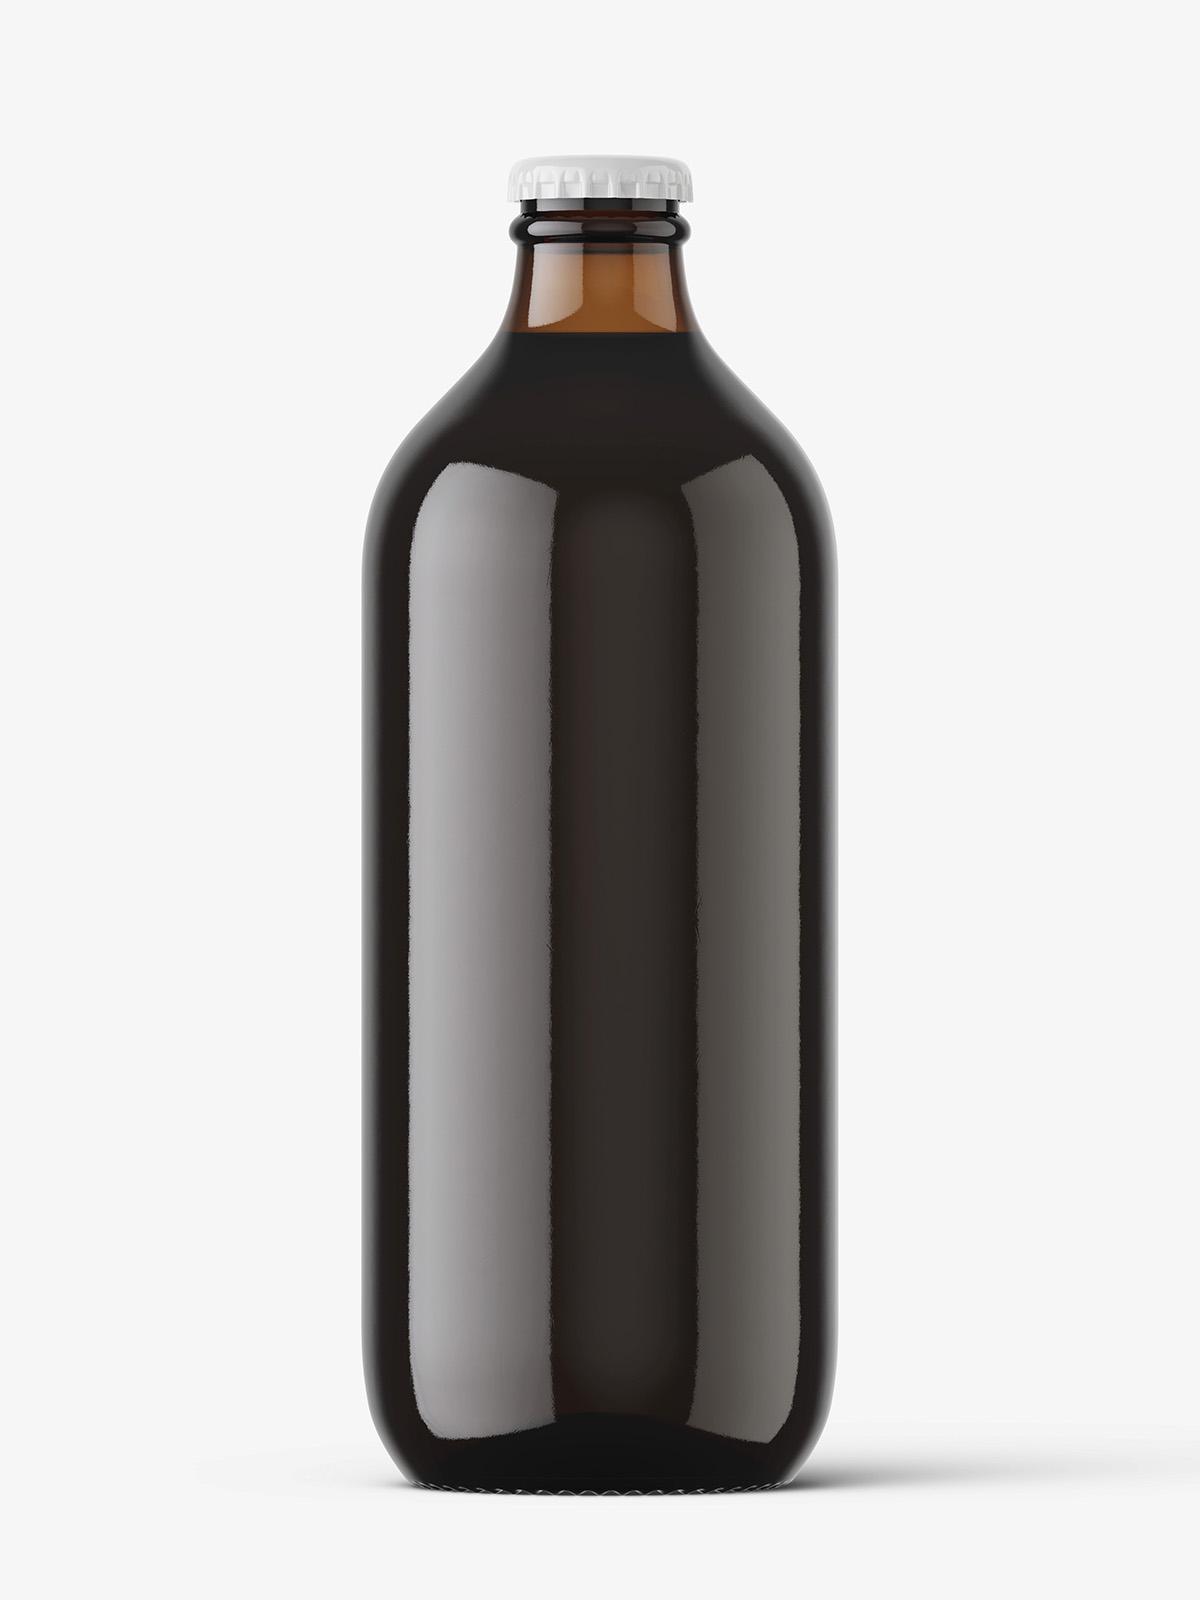 Download Dark beer bottle mockup - Smarty Mockups Free Mockups